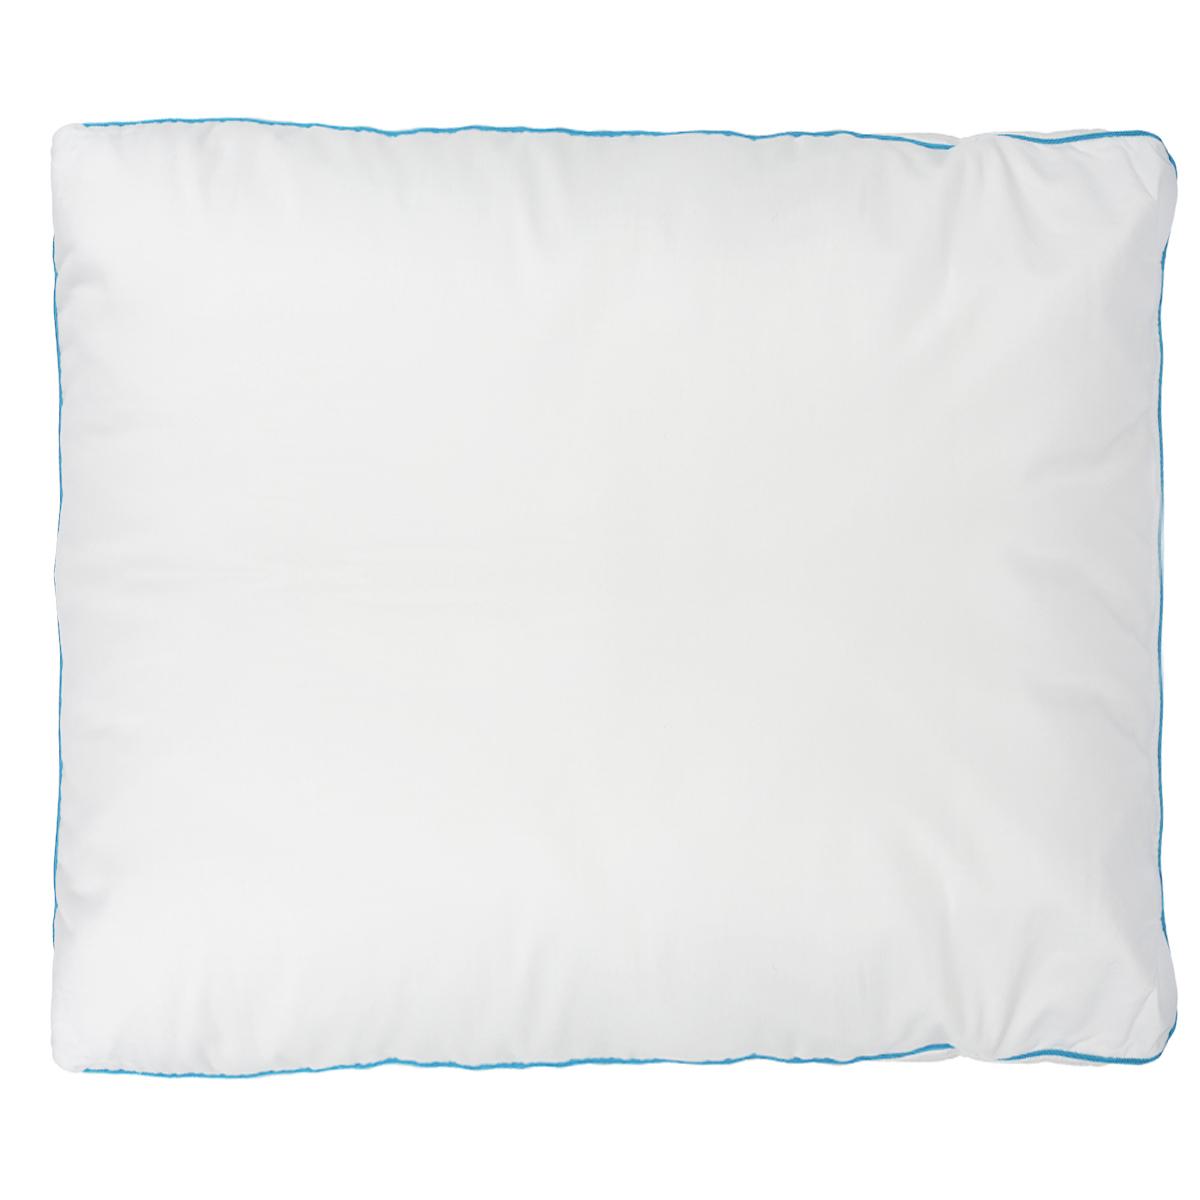 Подушка Dargez Меркурий, наполнитель: полое силиконизированное волокно Эстрелль, цвет: белый, 68 х 68 см531-105Подушка Dargez Меркурий подарит комфорт и уют во время сна. Чехол выполнен из инновационного полотна Outlast®. Наполнитель представляет собой шарики из полого силиконизированного волокна Эстрелль. Основные свойства волокна: - хорошая терморегуляция, - свободная циркуляция воздуха, - быстрое восстановление формы, - благоприятный климат во время сна, - мягкость и упругость, - удобство в эксплуатации и легкость стирки. Технология Outlast® обеспечит прекрасное самочувствие: постельные принадлежности принимают на себя тепло вашего тела, если тело слишком нагревается, и отдают тепло обратно, когда вам это необходимо. Постельные принадлежности Outlast® образуют буфер для микроклимата на вашей коже и таким образом защищают тело от перегрева и потообразования. Кроме того, компенсируется различное восприятие тепла и холода партнерами. Благодаря этому вы лучше засыпаете и просыпаетесь отдохнувшим. Рекомендации по уходу: - Стирка при температуре не более 40°С. - Запрещается отбеливать, гладить.- Можно выжимать и сушить в стиральной машине. Материал чехла: микрофибра (100% полиэстер), полотно Outlast®. Материал наполнителя: полое силиконизированное волокно Эстрелль. Размер подушки: 68 см х 68 см.